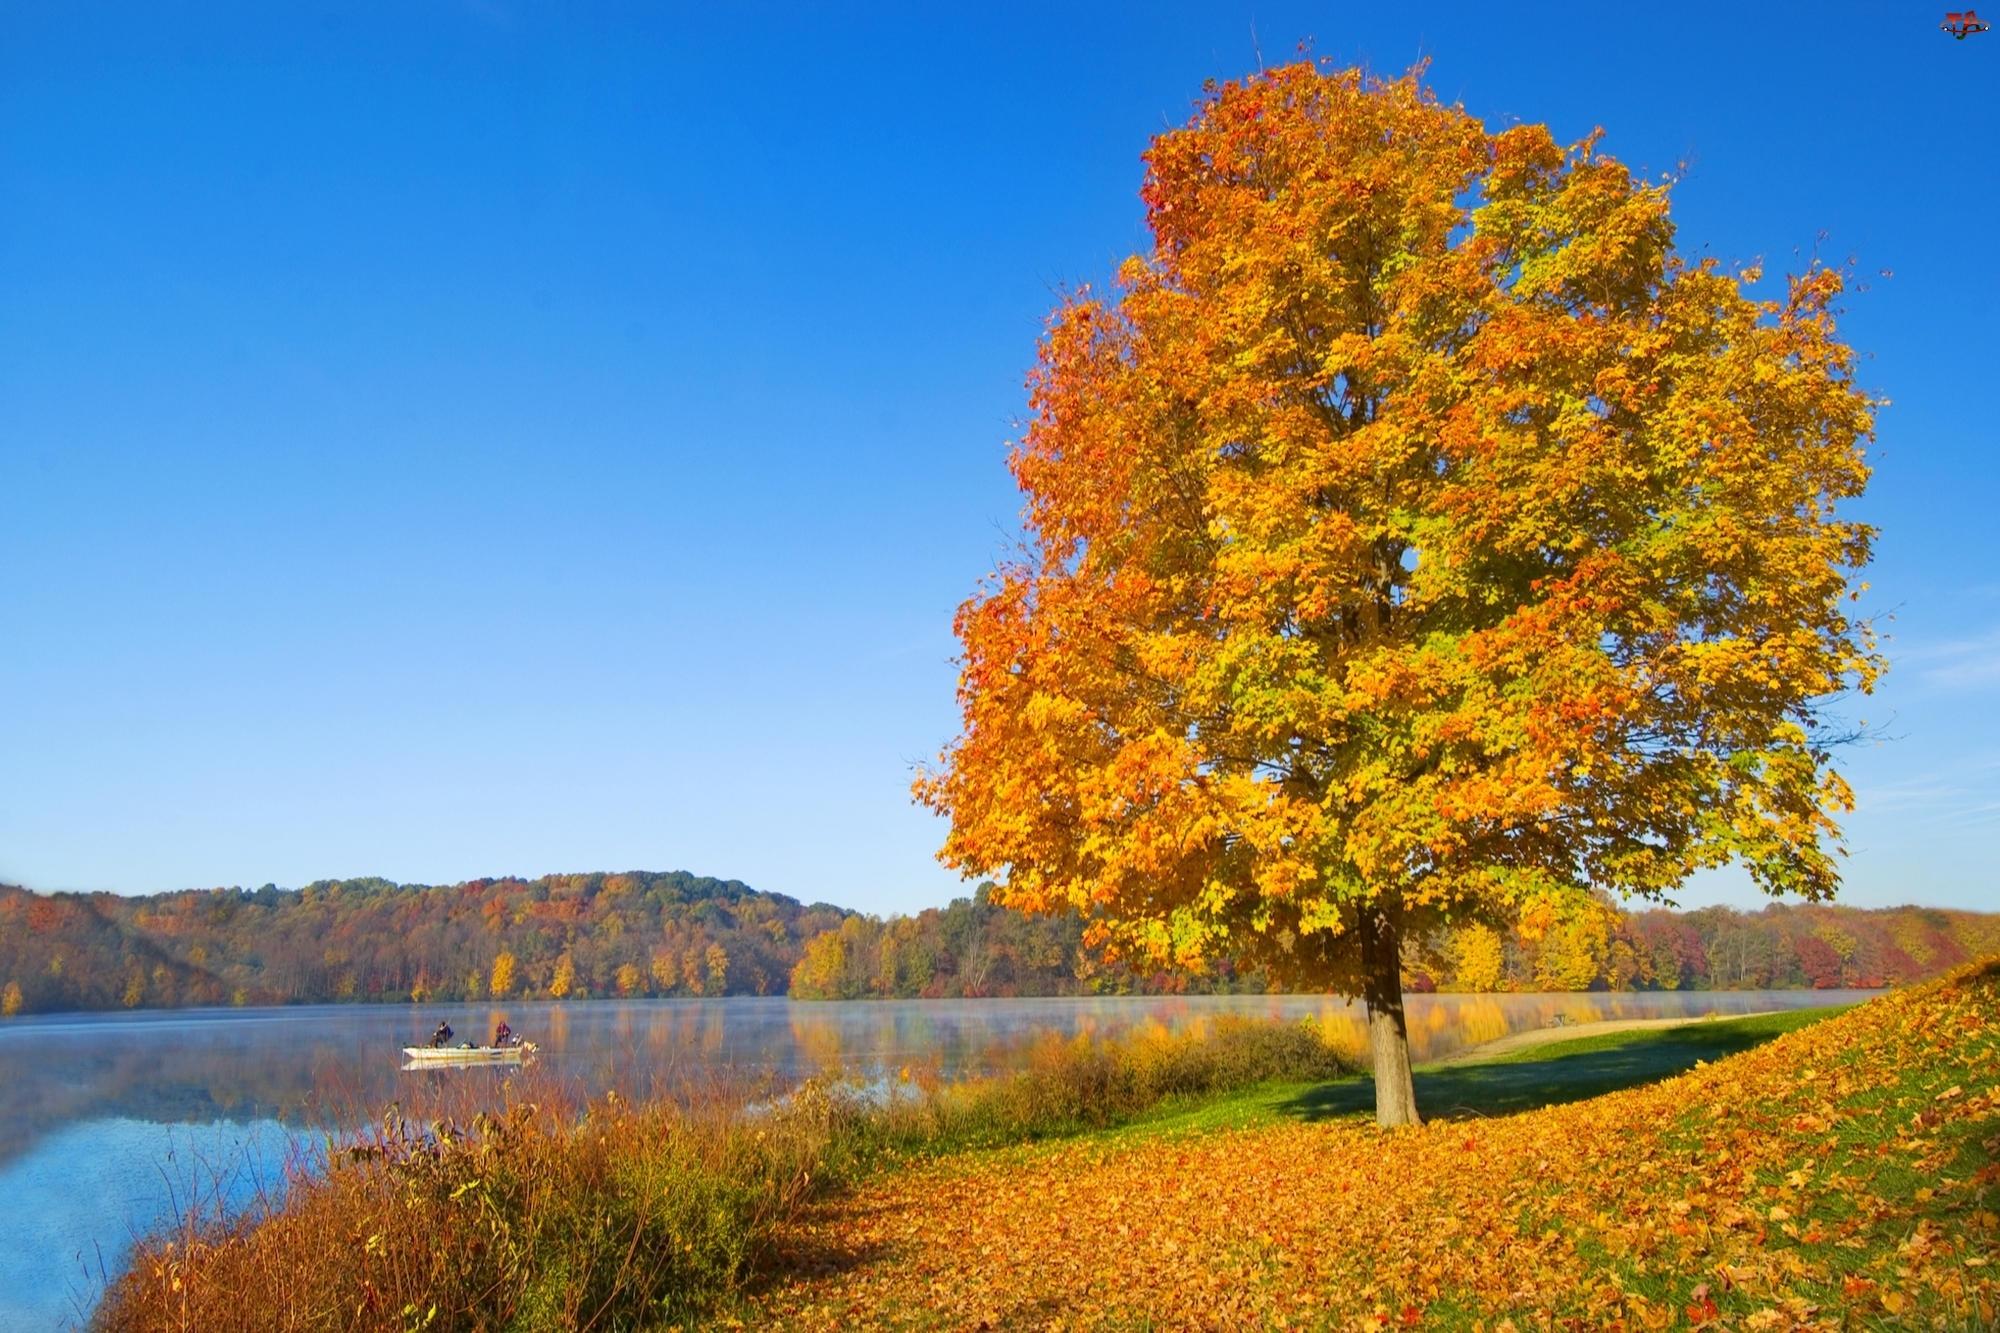 Jesień, Liście, Drzewo, Jezioro